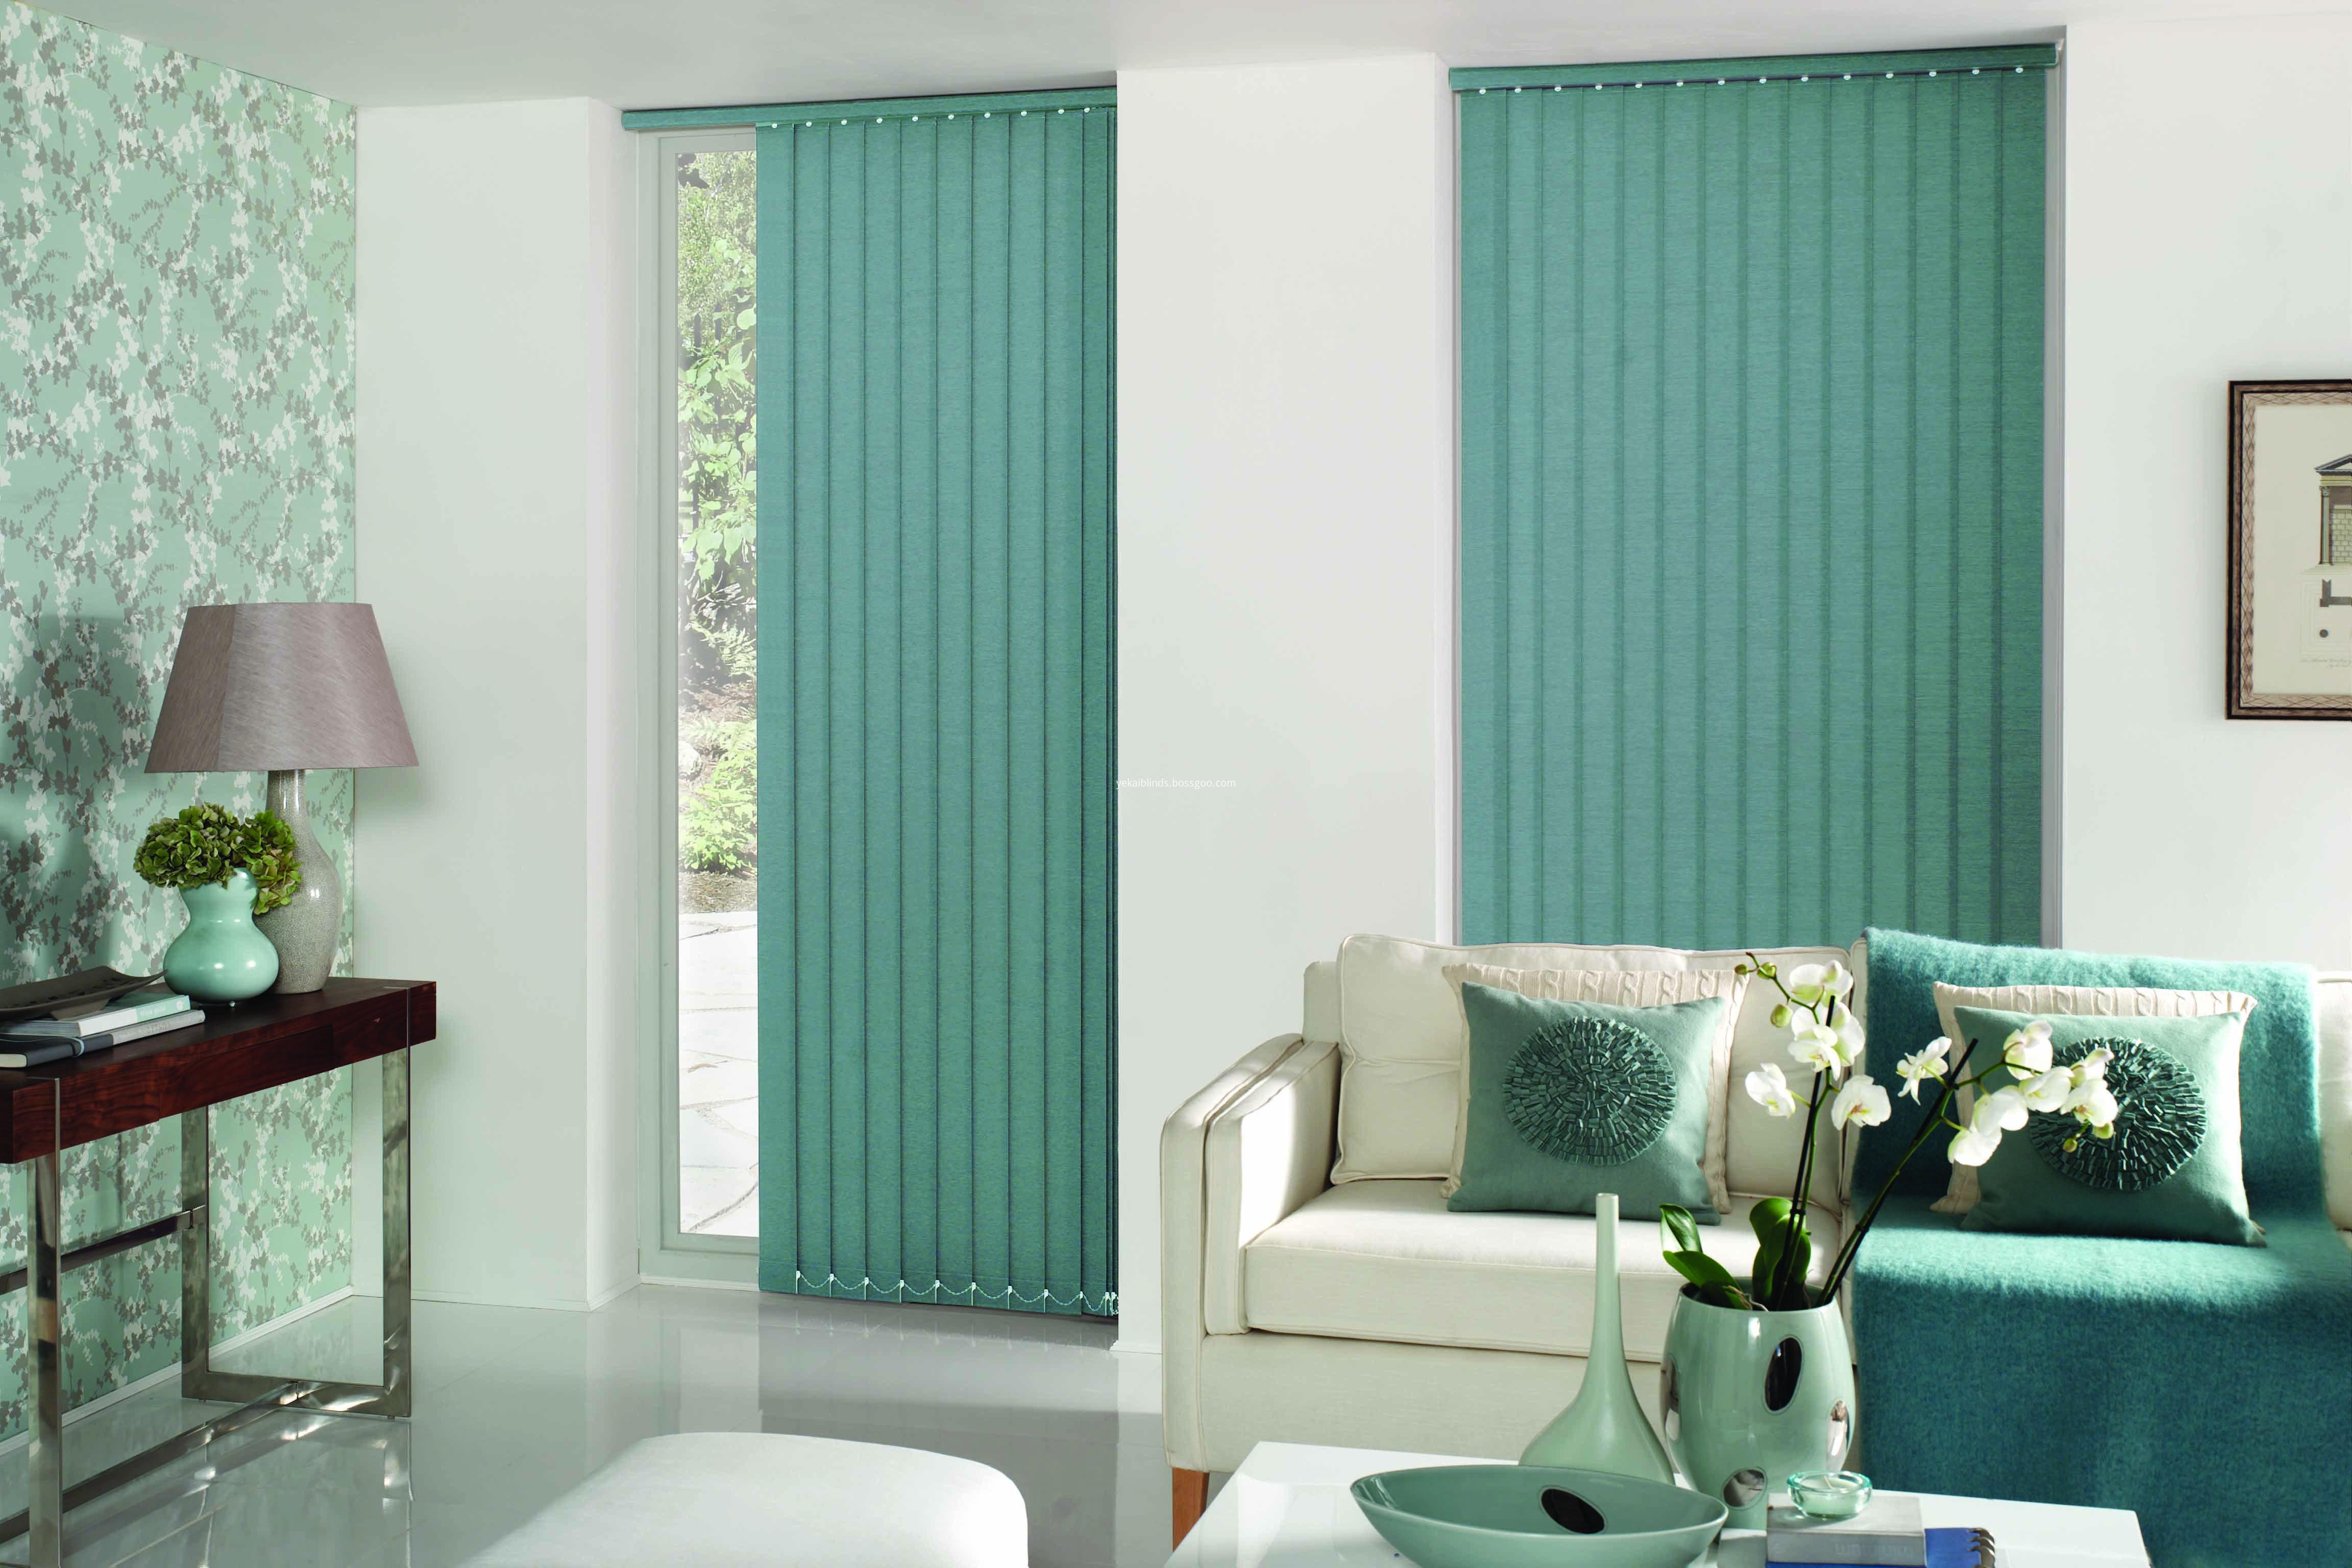 Green-vertical blinds4-M